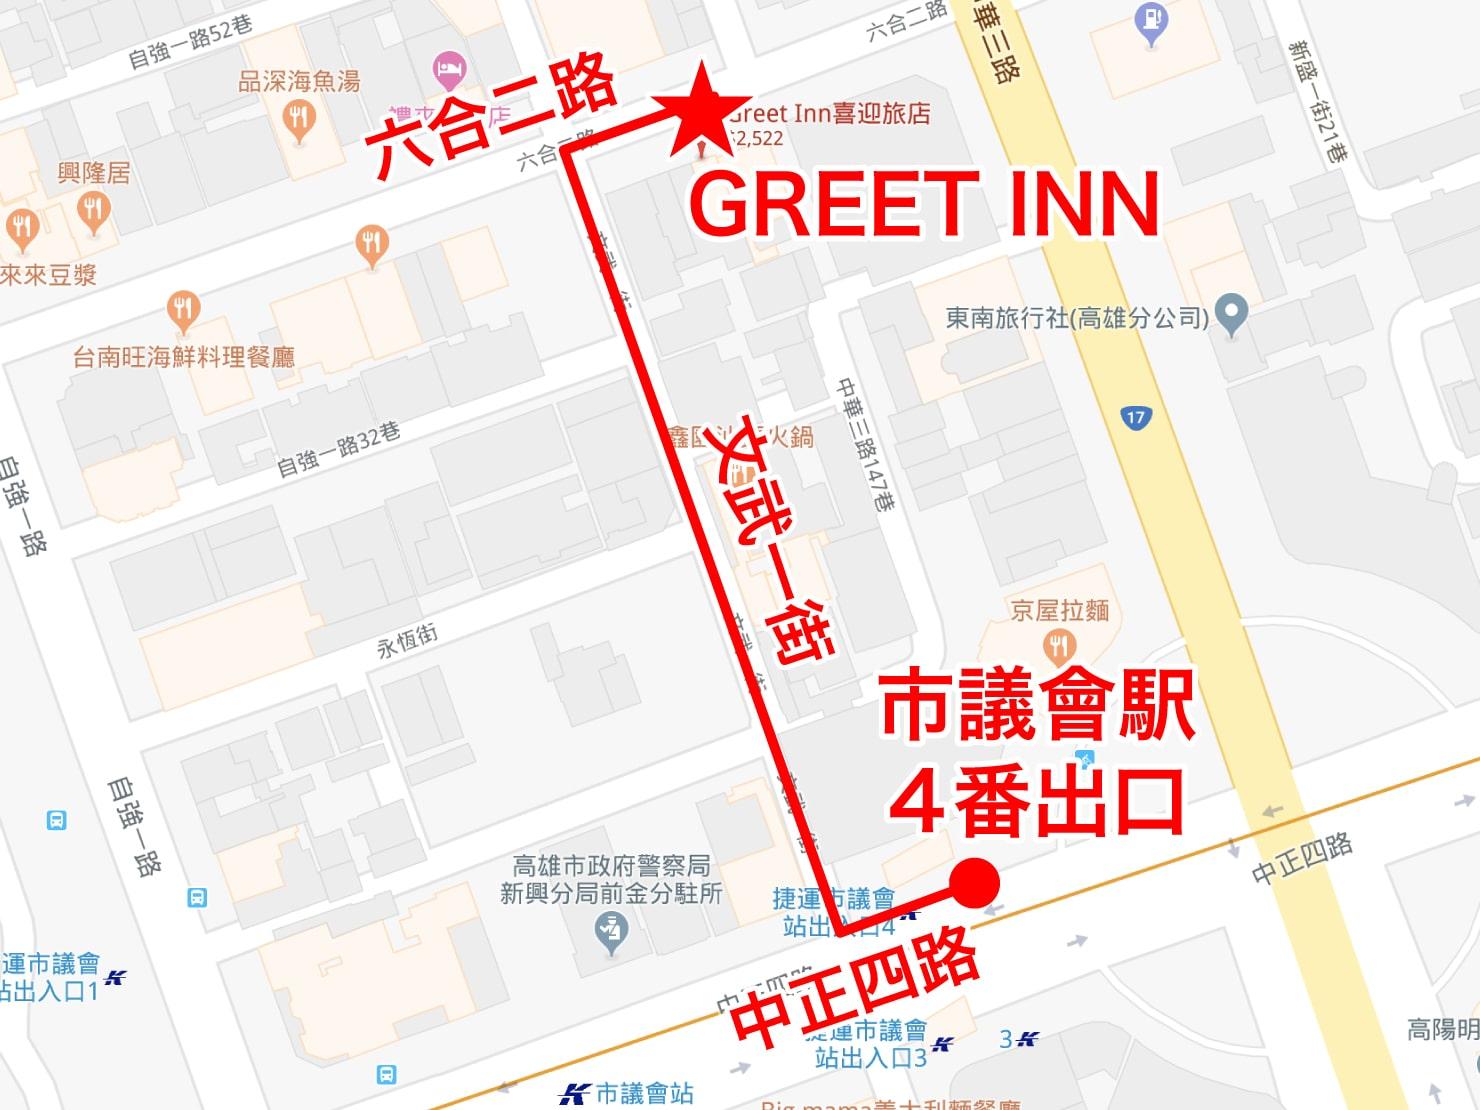 高雄市内観光におすすめのホテル「GREET INN 喜迎旅店」へのアクセス